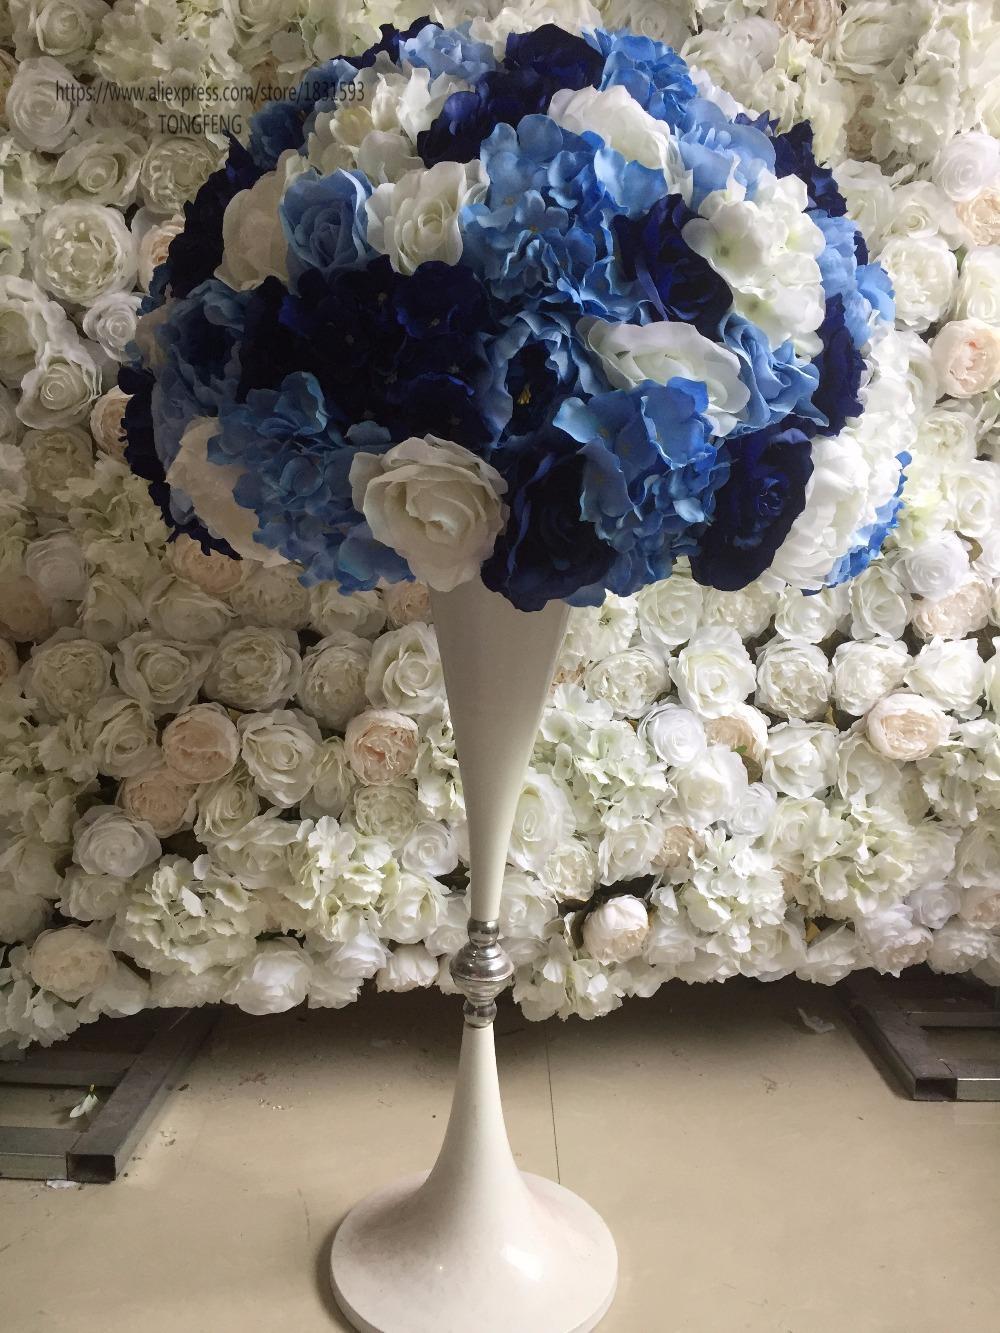 2 Teile Los Kunstliche Rose Pfingstrose Hortensien Blumen Hochzeit Strasse Blei Tischdekoration Blumen Hochzeit Dekoration Blau 55 Cm